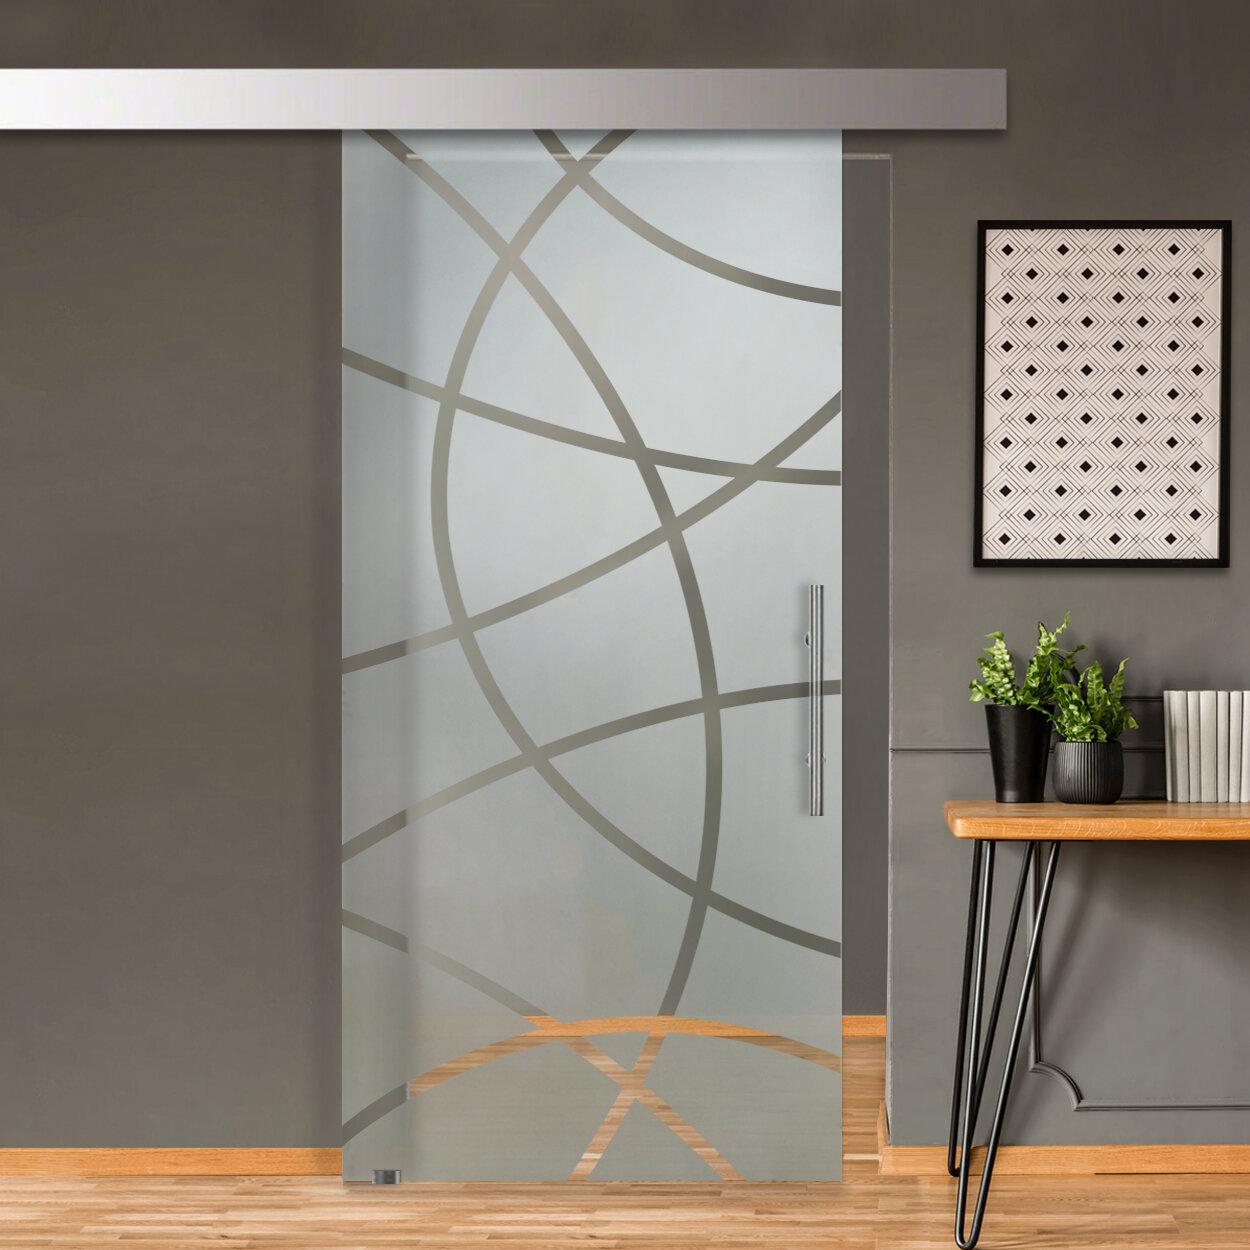 Glass Door Us Sliding Glass Barn Door With Installation Hardware Kit Wayfair